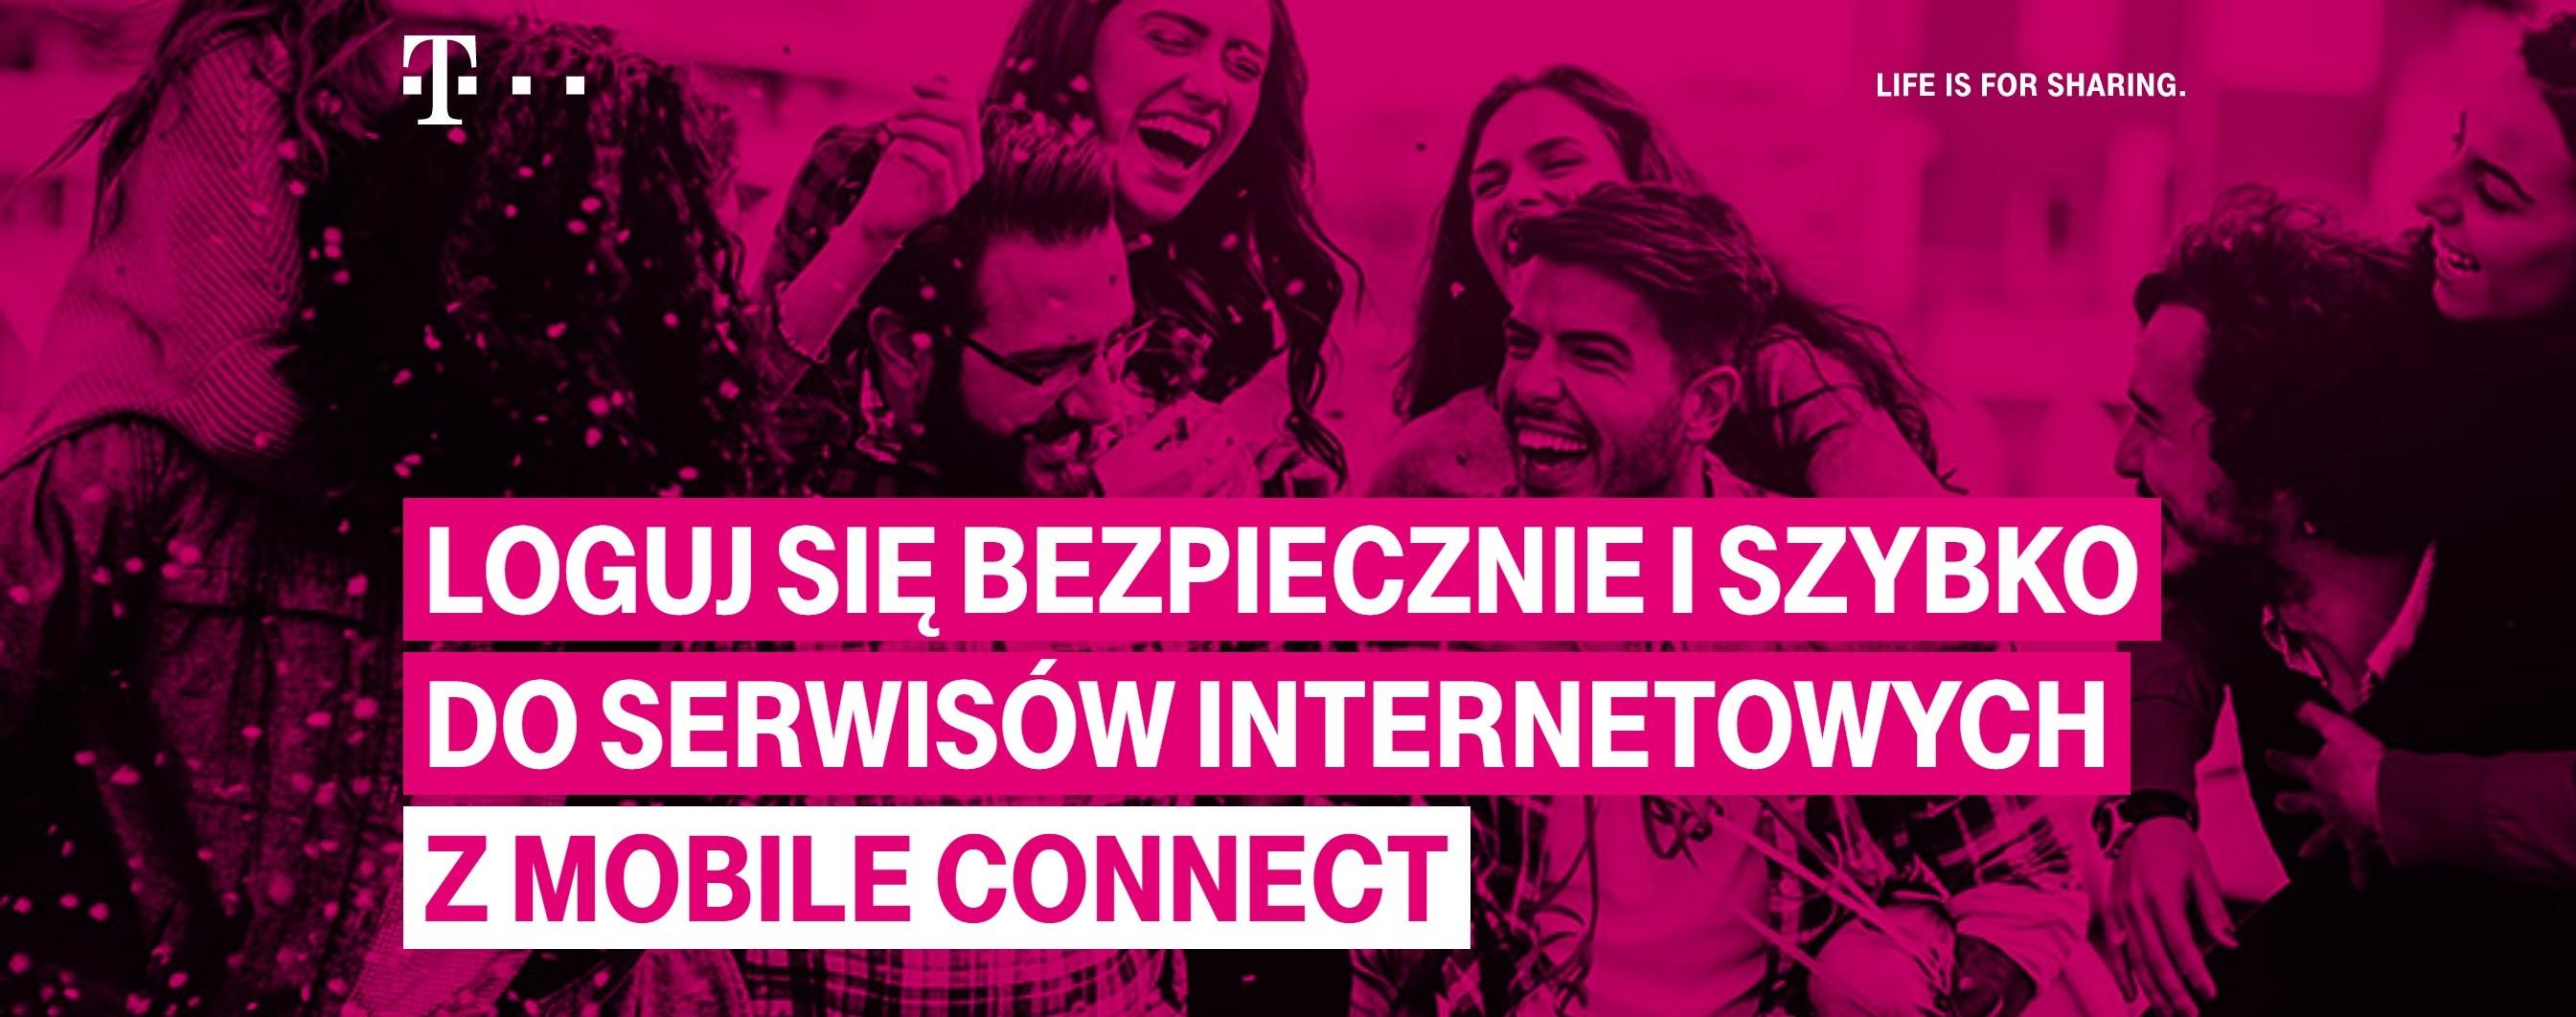 Do Profilu Zaufanego zalogujesz się także przez Mobile Connect od T-Mobile